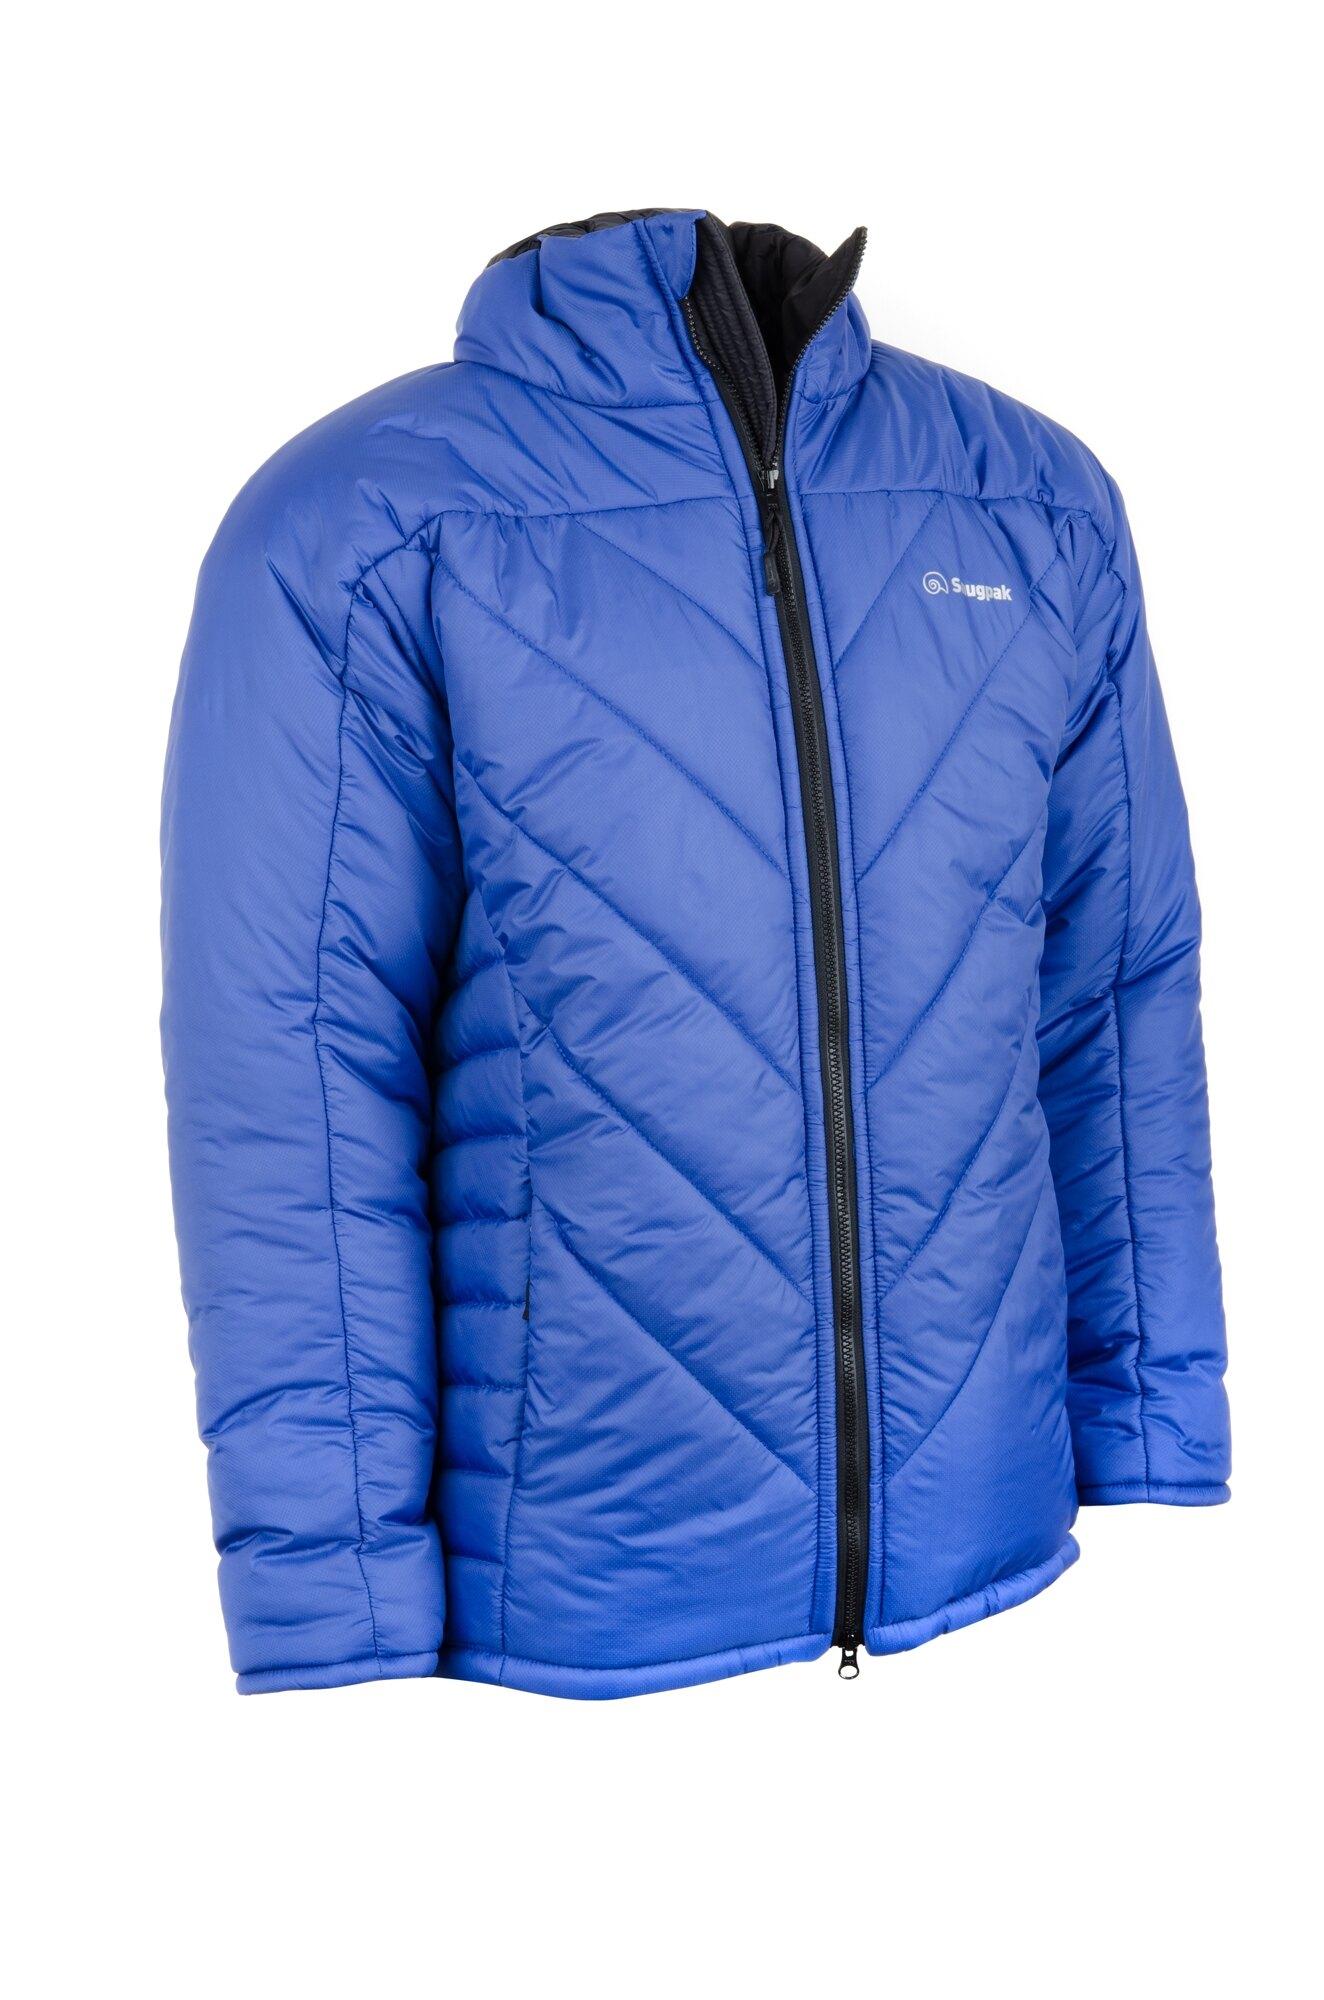 Bunda Insulated SJ12 Snugpak® – Modrá (Farba: Modrá, Veľkosť: XXL)